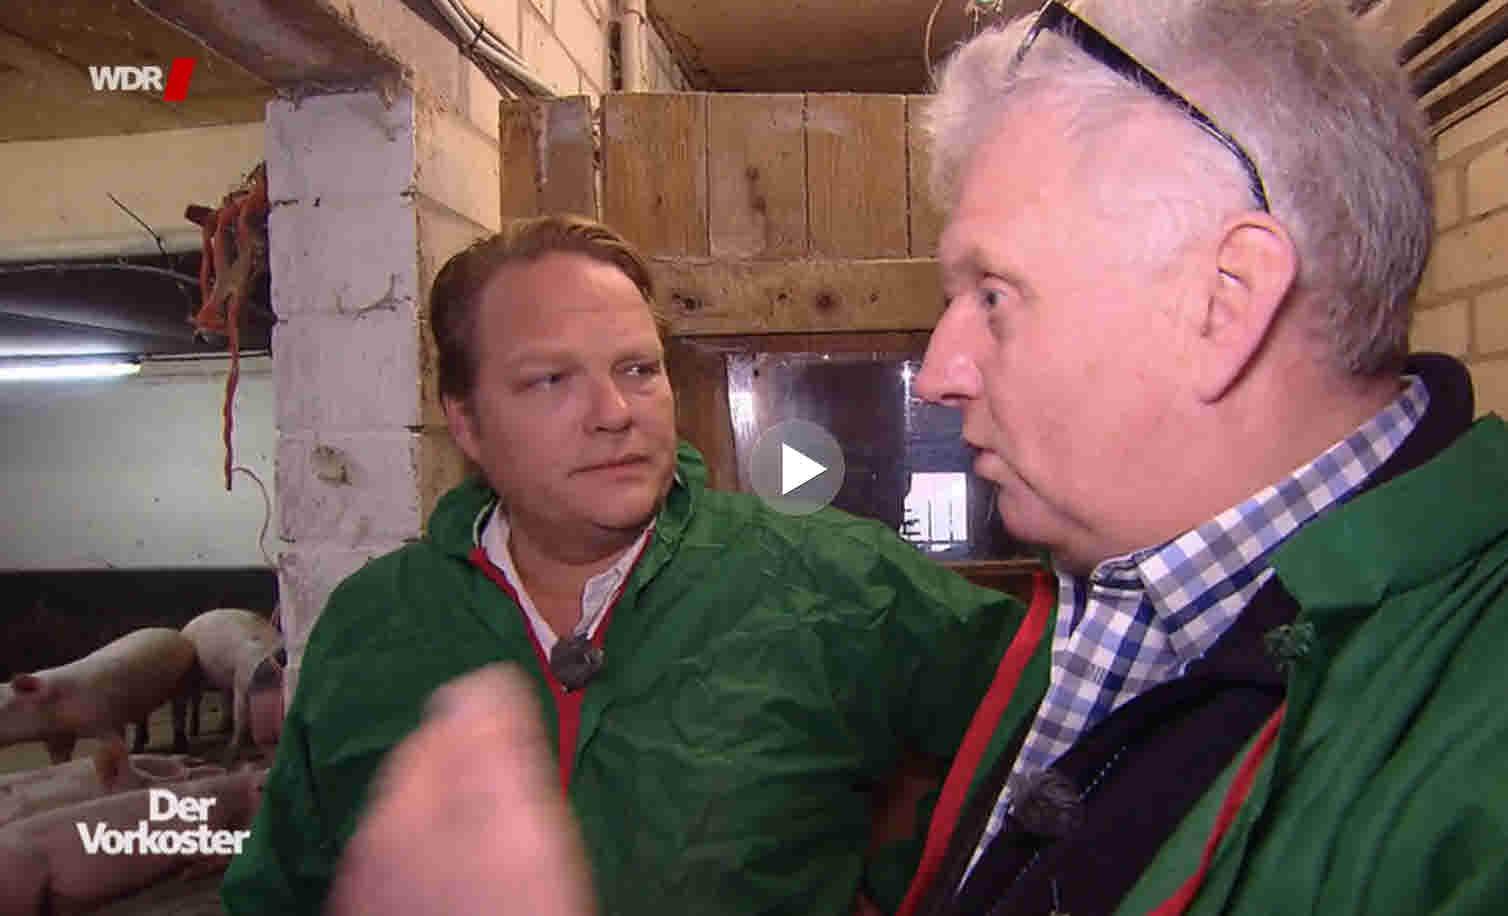 WDR – Der Vorkoster zum Thema Schweinefleisch mit Björn Freitag